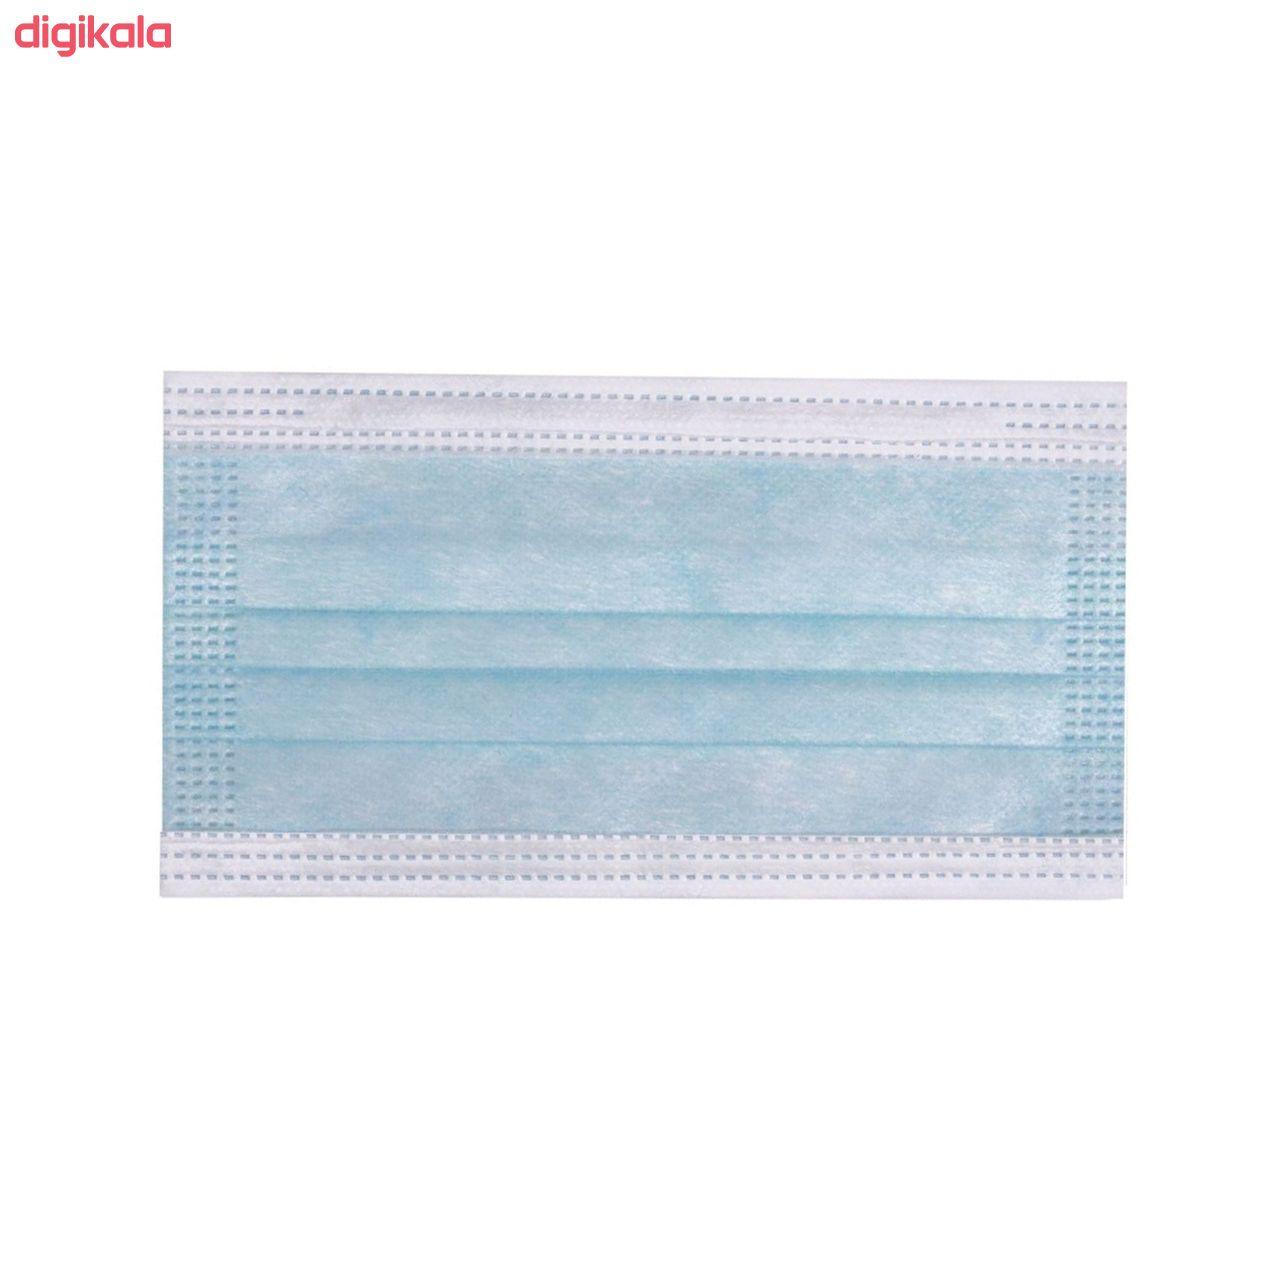 ماسک تنفسی انزانی مدل Ebu06 بسته 10 عددی main 1 1